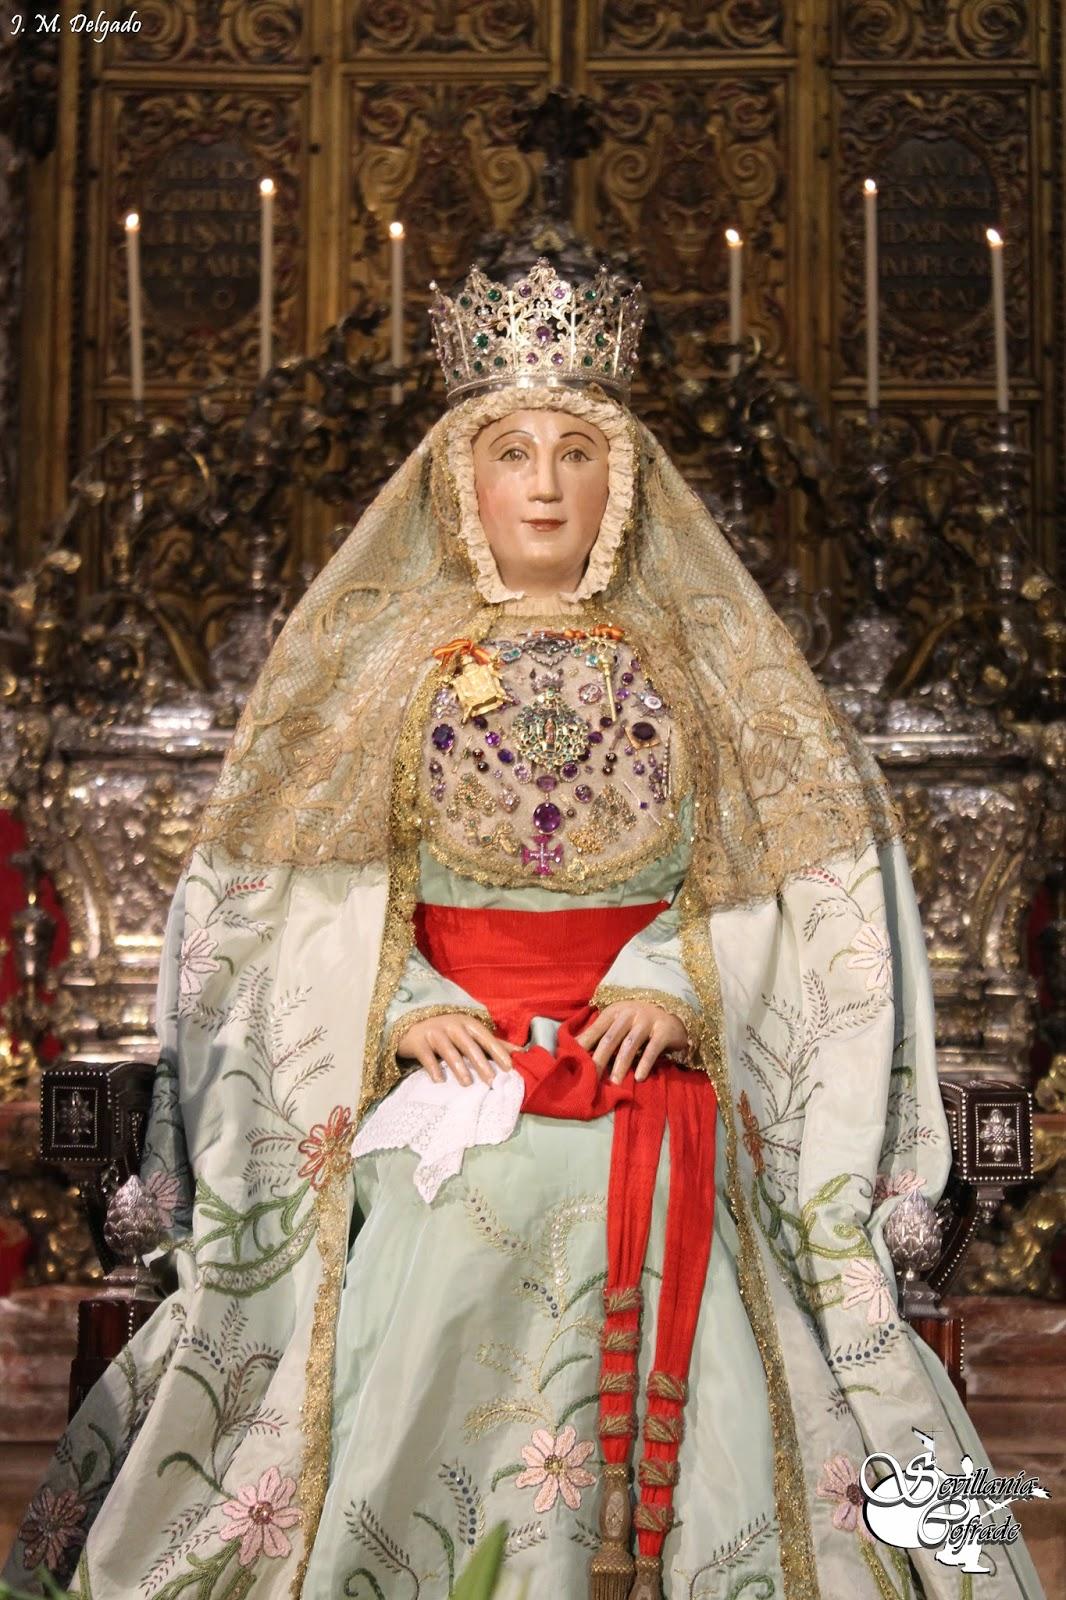 Comienza la novena en honor a la virgen de los reyes for Mudanzas virgen de los reyes